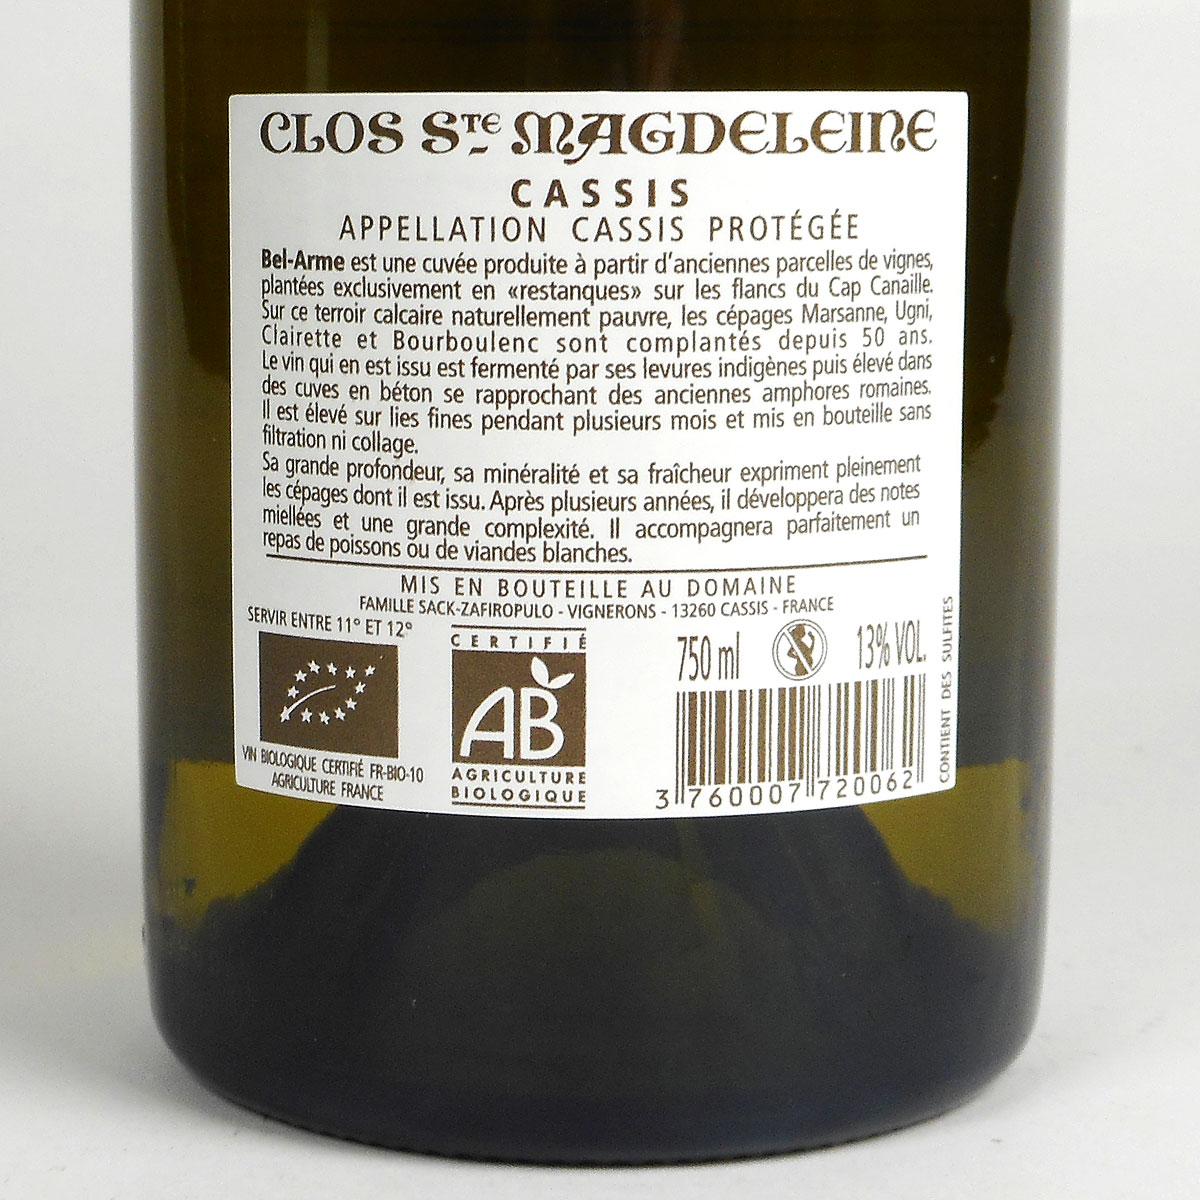 Cassis: Clos Sainte Magdeleine 'Bel-Arme' Blanc 2018 - Bottle Rear Label